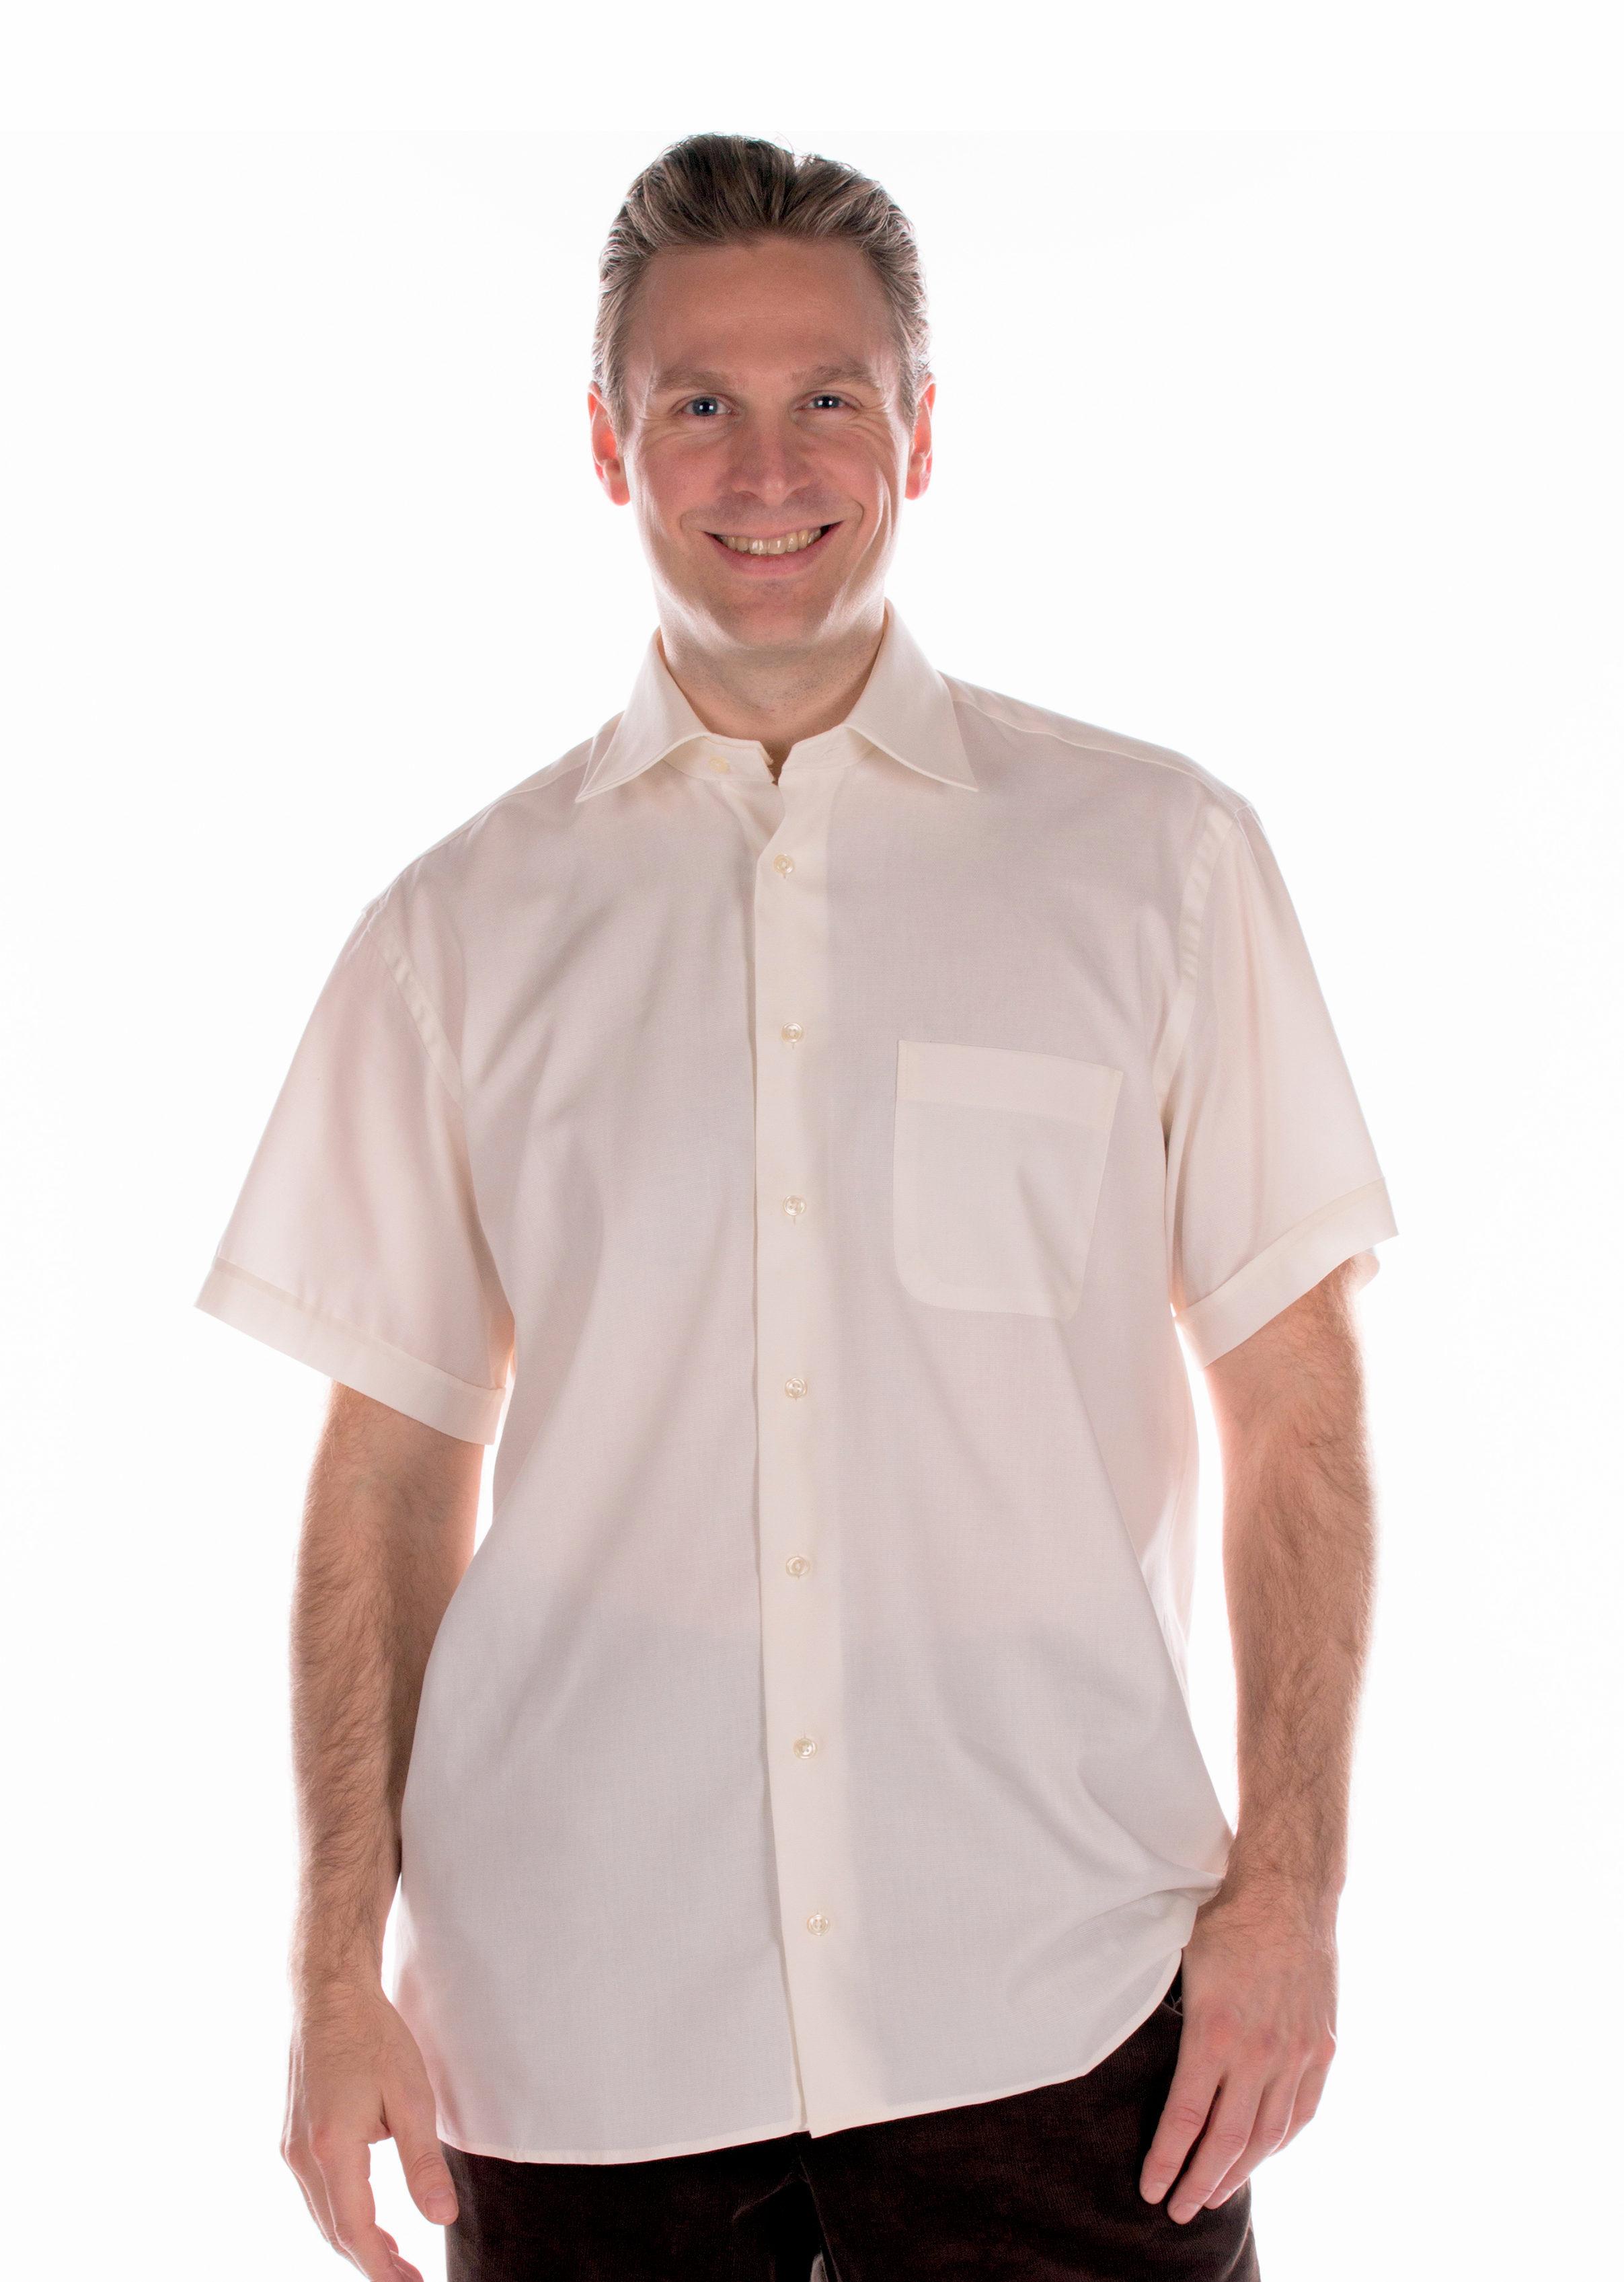 Korte Mouw Overhemd Mannen.Heren Overhemd Korte Mouw Overslag Achterkant Zorgvrij